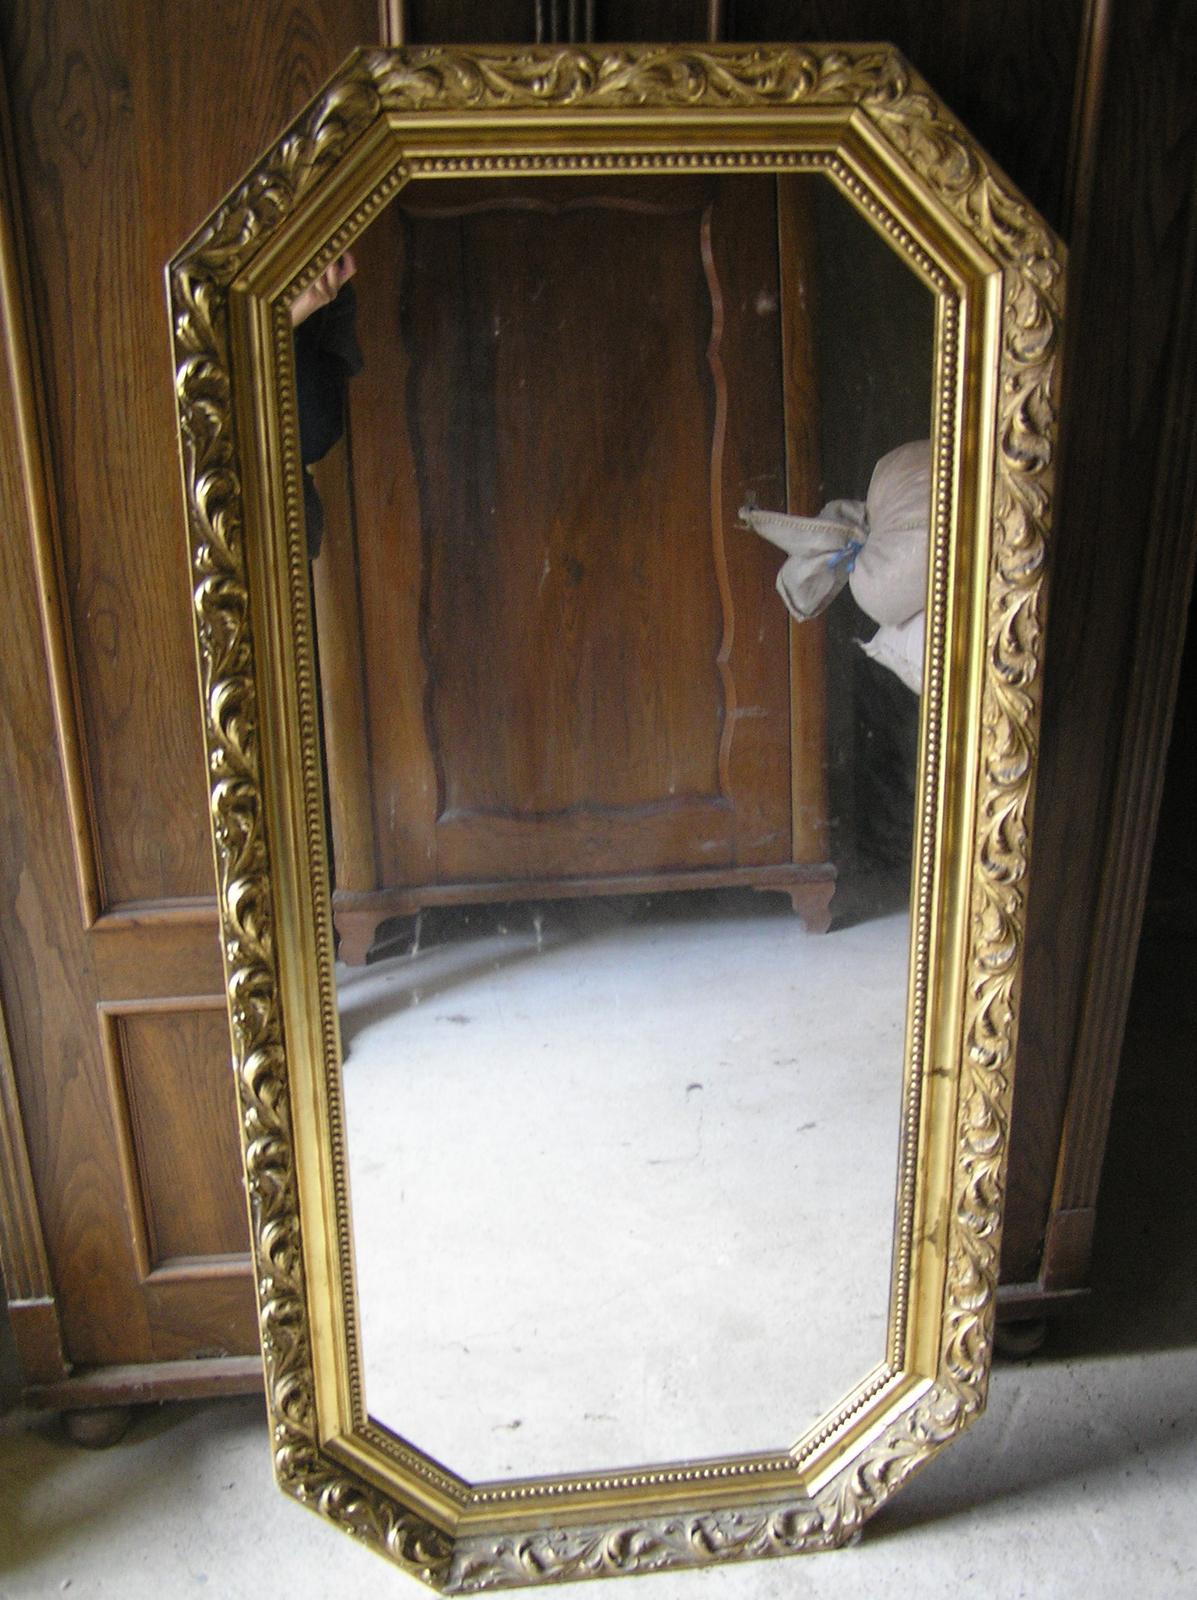 obraz alebo zrkadlo - Obrázok č. 1